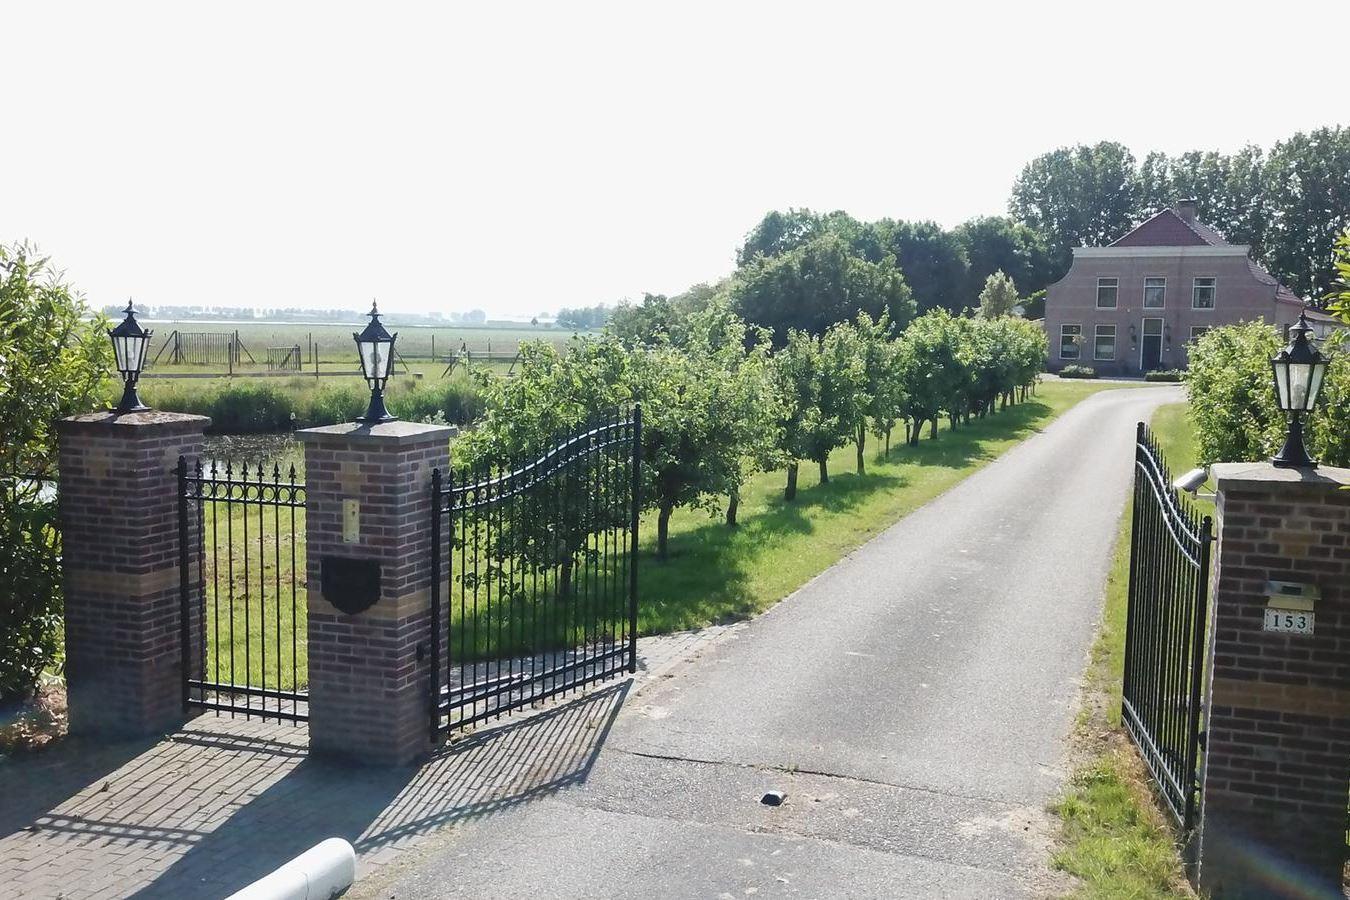 Bekijk foto 1 van Langeweg 153